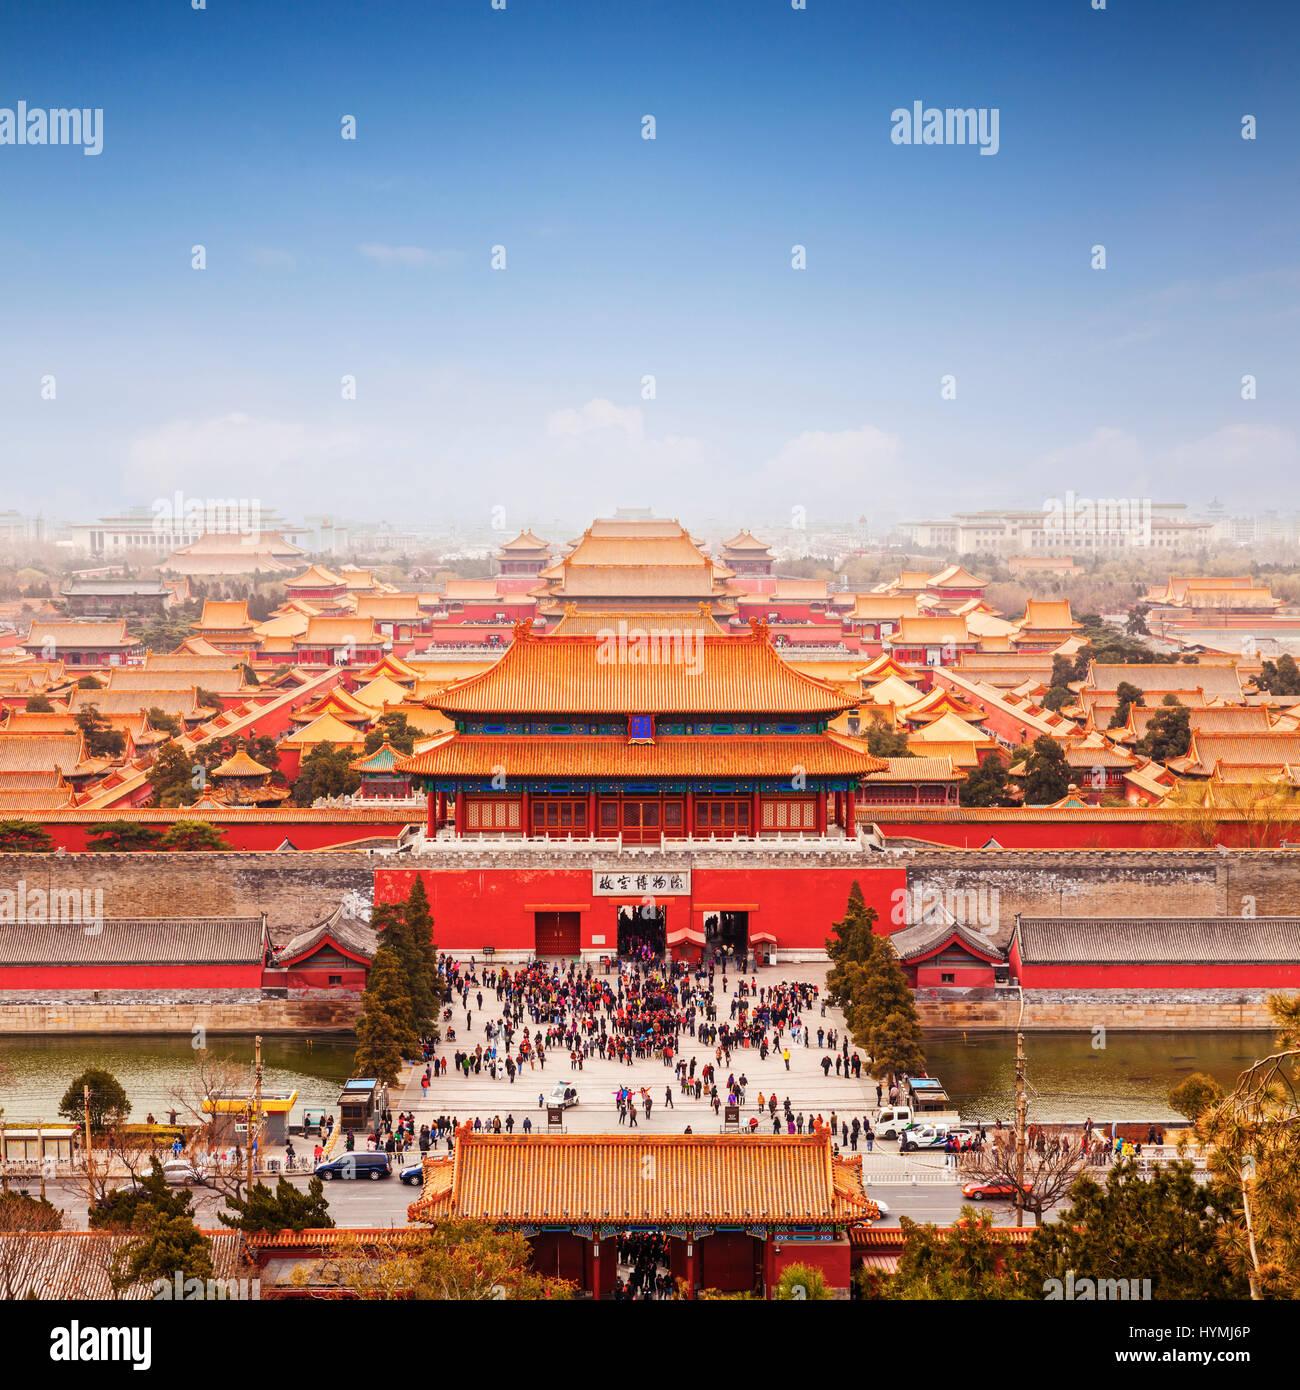 Vista aerea della Città Proibita di Pechino, Cina, formato quadrato. Foto Stock